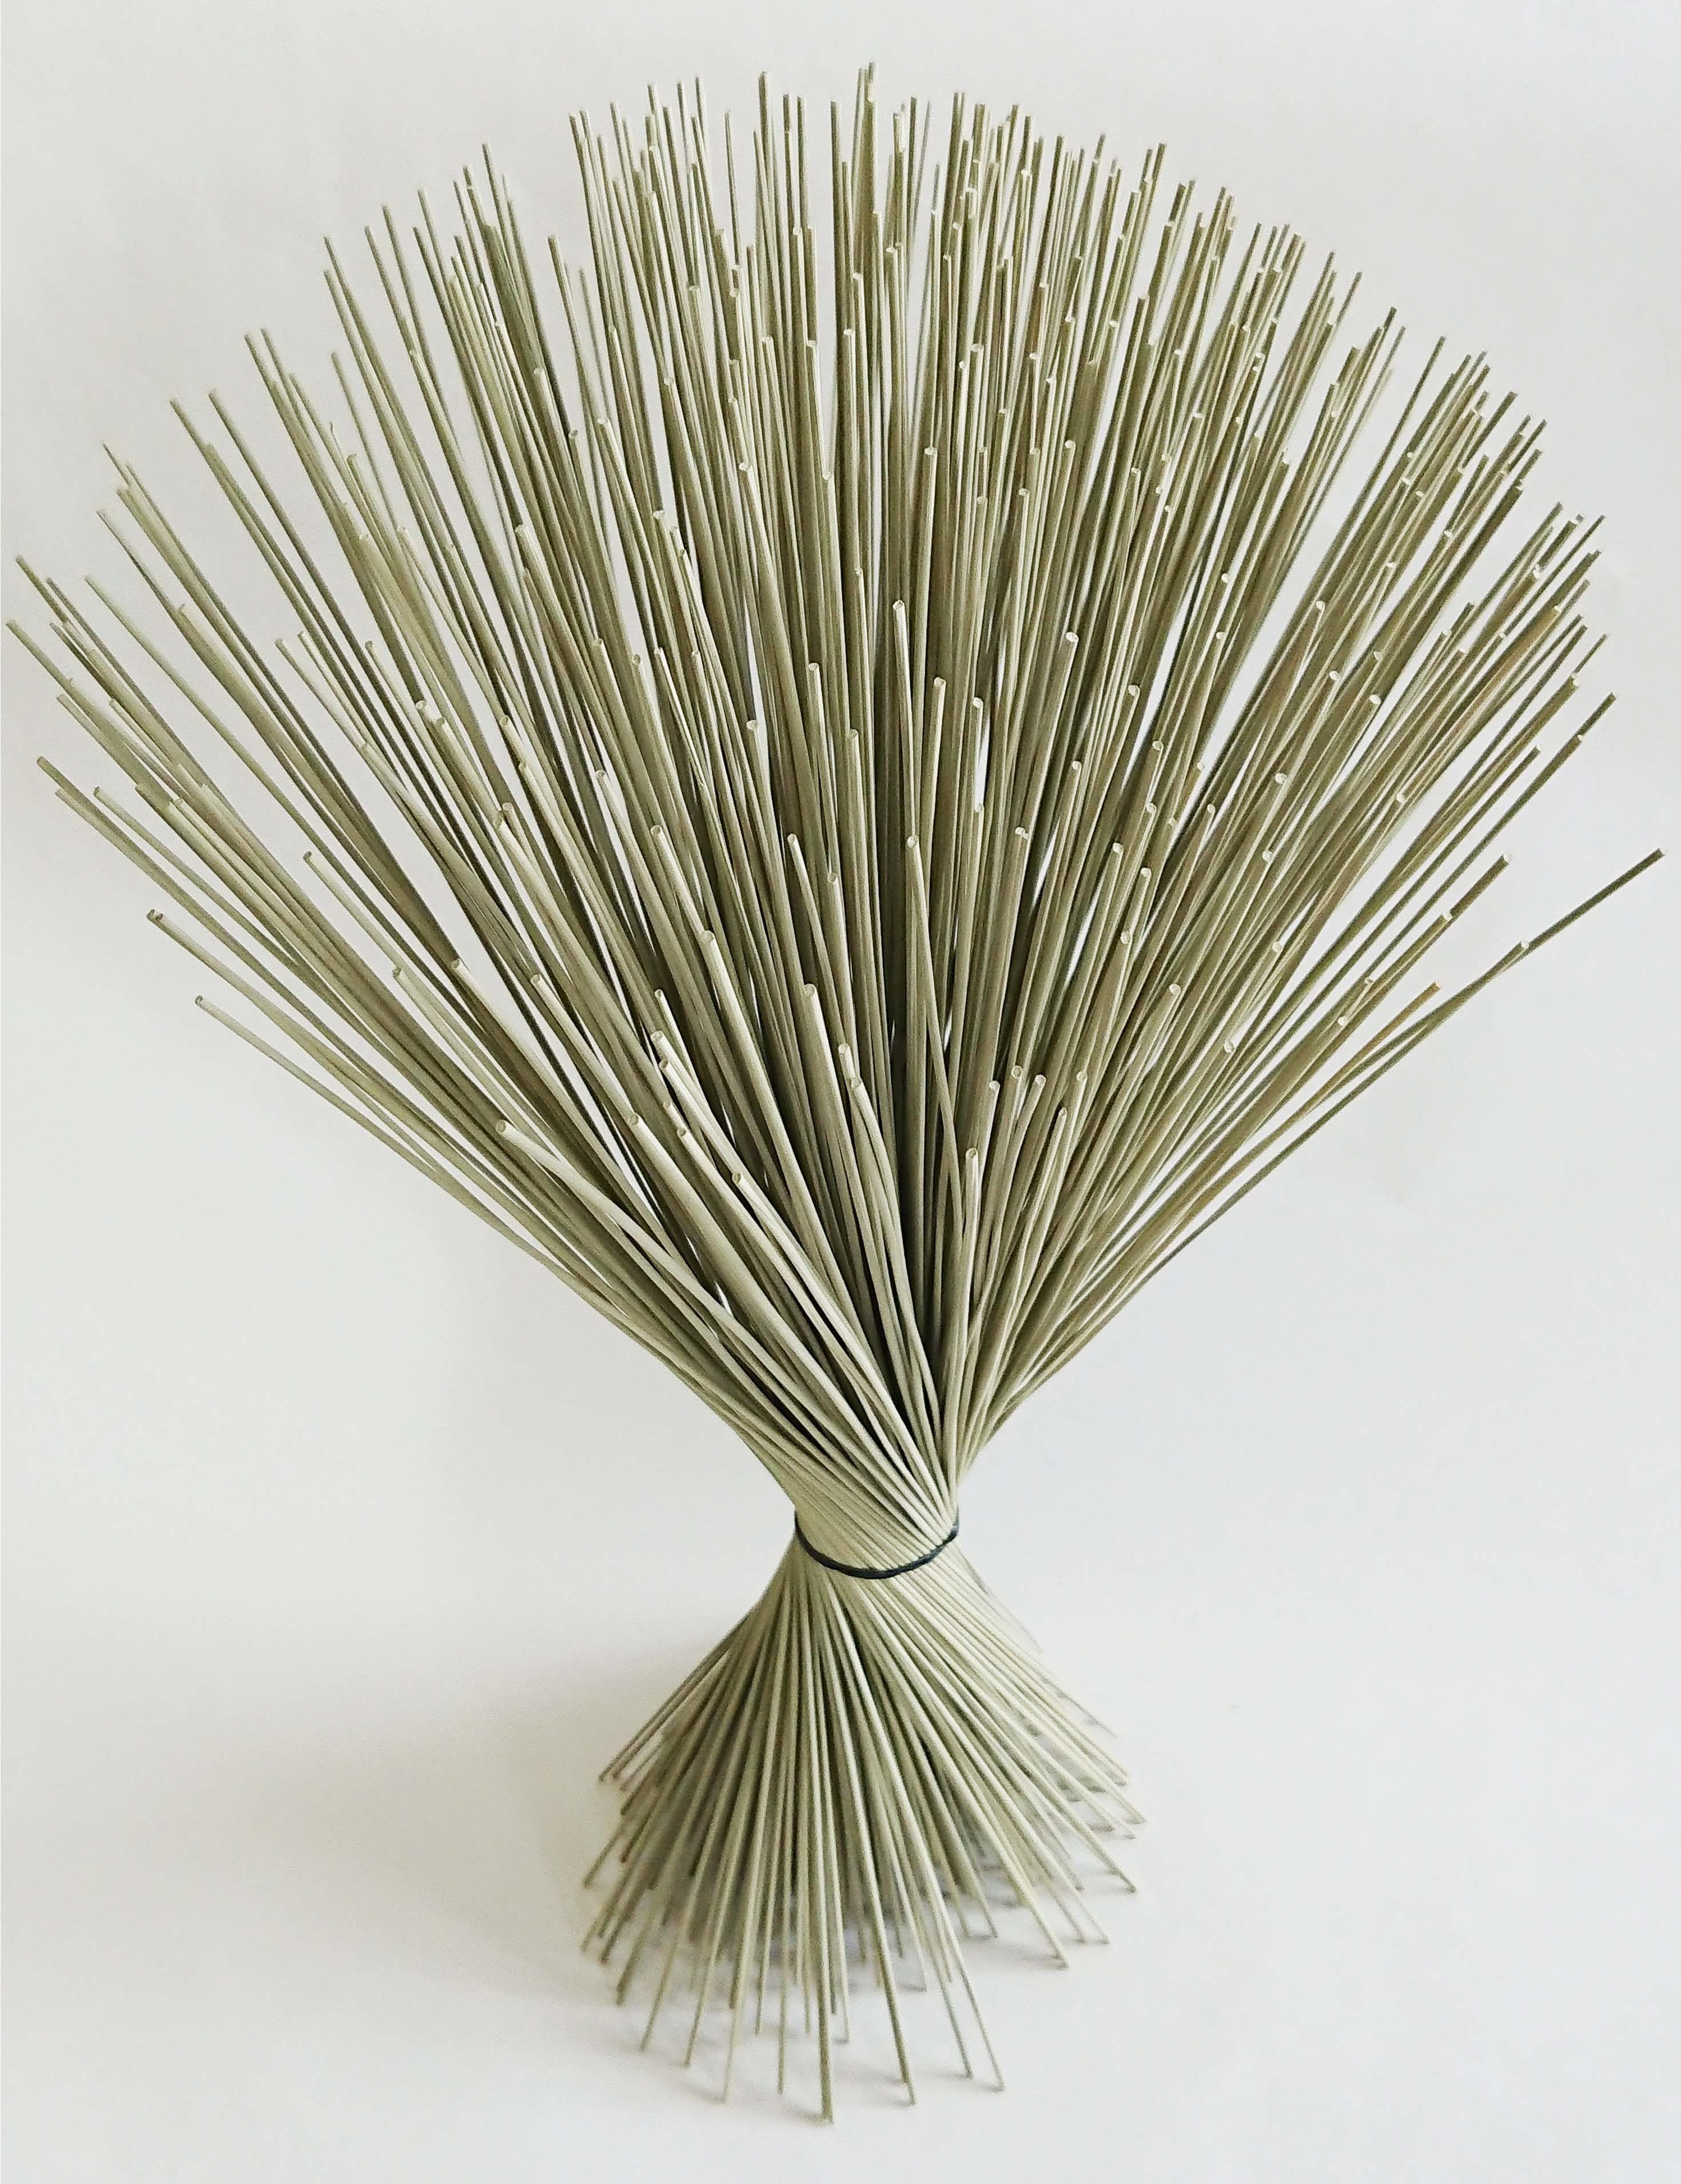 【イ草フラワー 生成】Rush Grass Flower Kinari 35cm